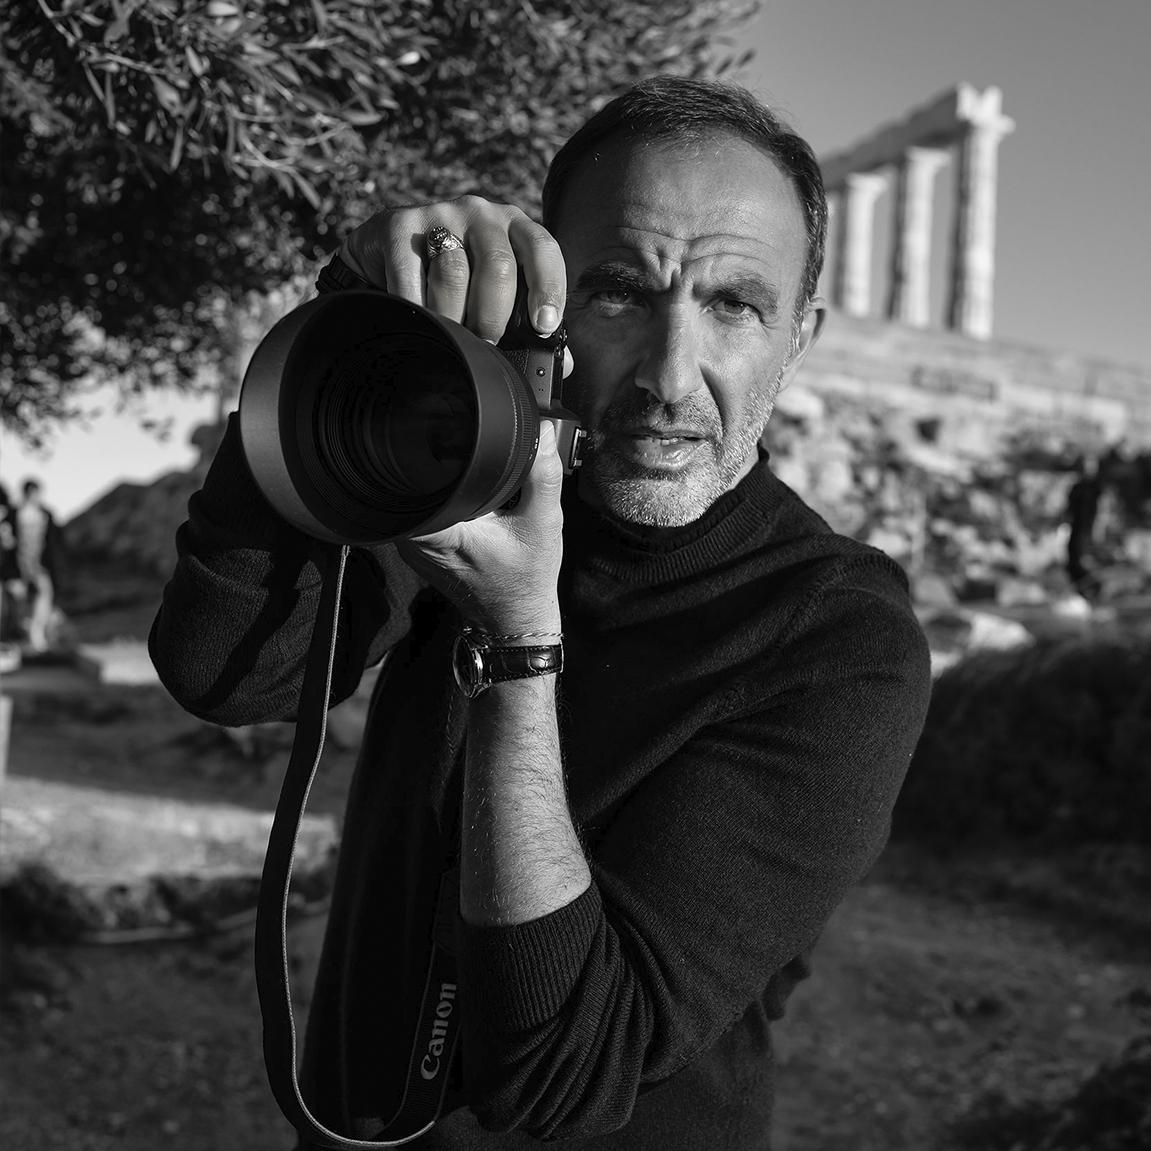 NIKOS ALIAGAS PRÉSENT AU GRAND PAVOIS LA ROCHELLE POUR PARTAGER SES SOUVENIRS, À TRAVERS SES PHOTOS INSPIRÉES PAR « LA GRÈCE ET LA MER »